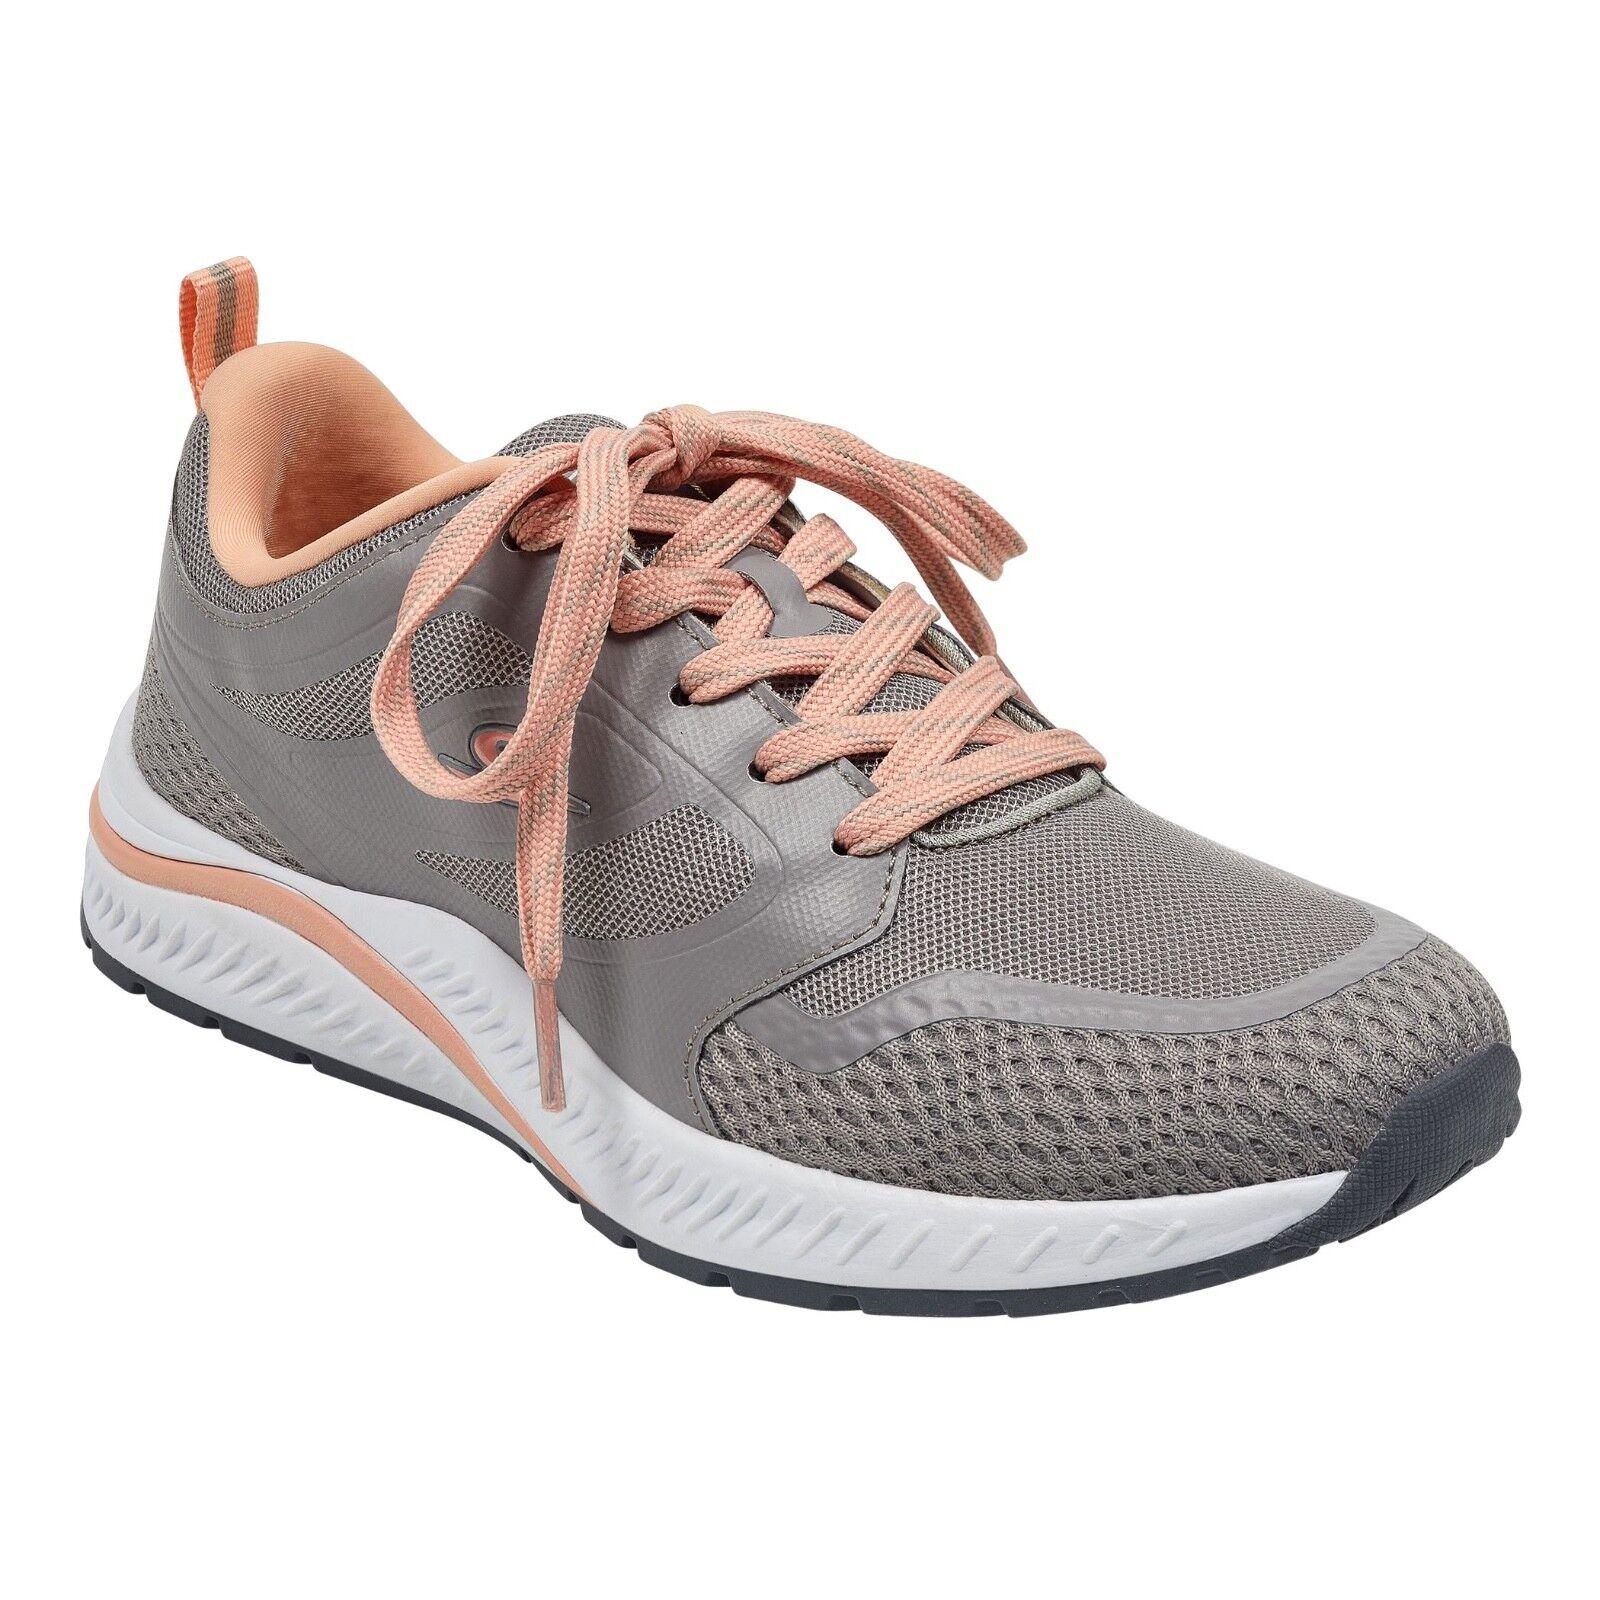 Nuevo En Caja Caja Caja espíritu fácil para mujer Talla 9.5 Zapatos Caminar, Zapatillas abrazos Luz Ash gris Melocotón a5fb67